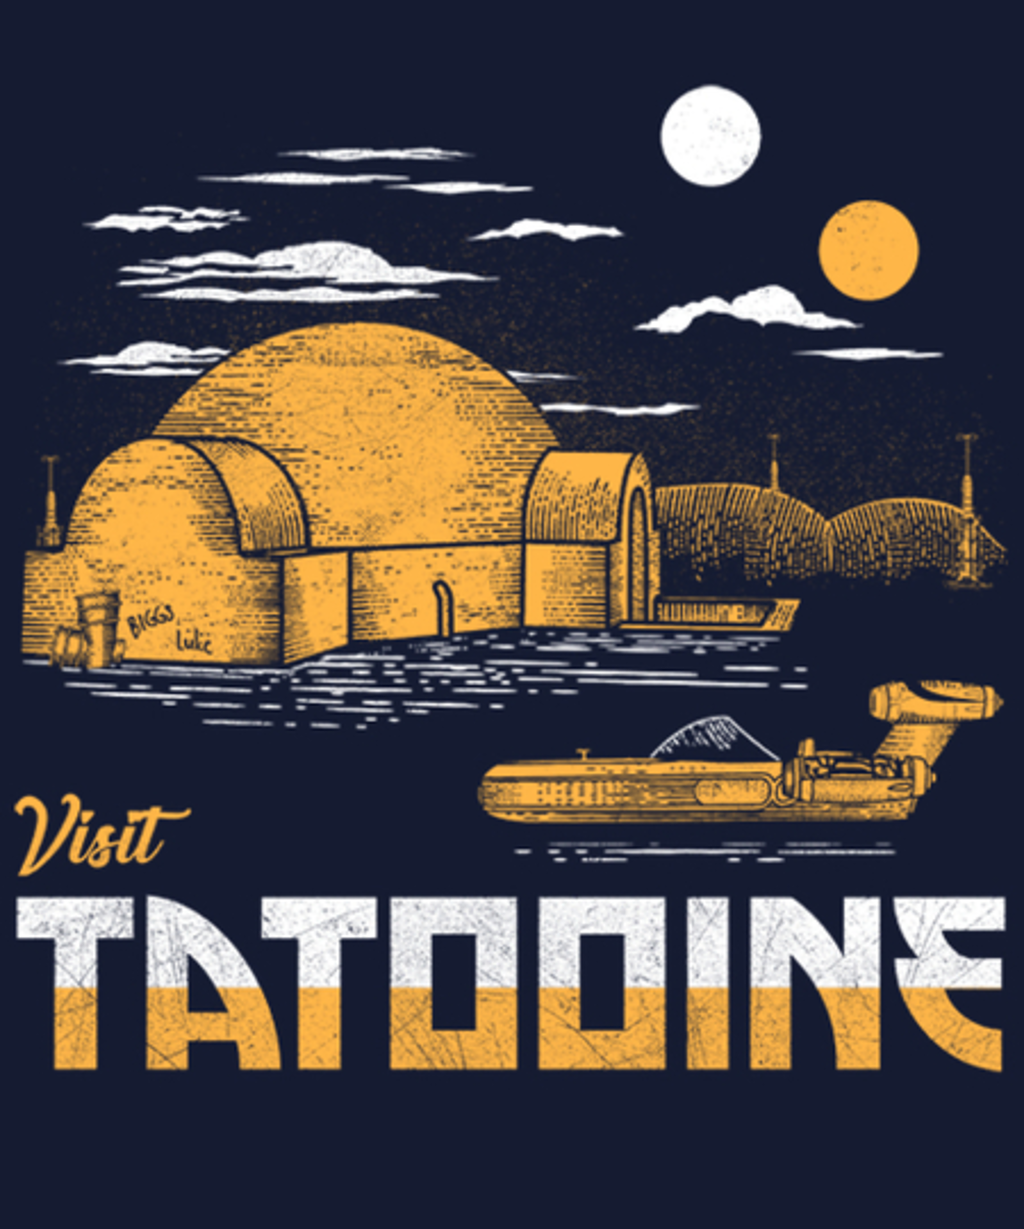 Qwertee: Visit Tatooine